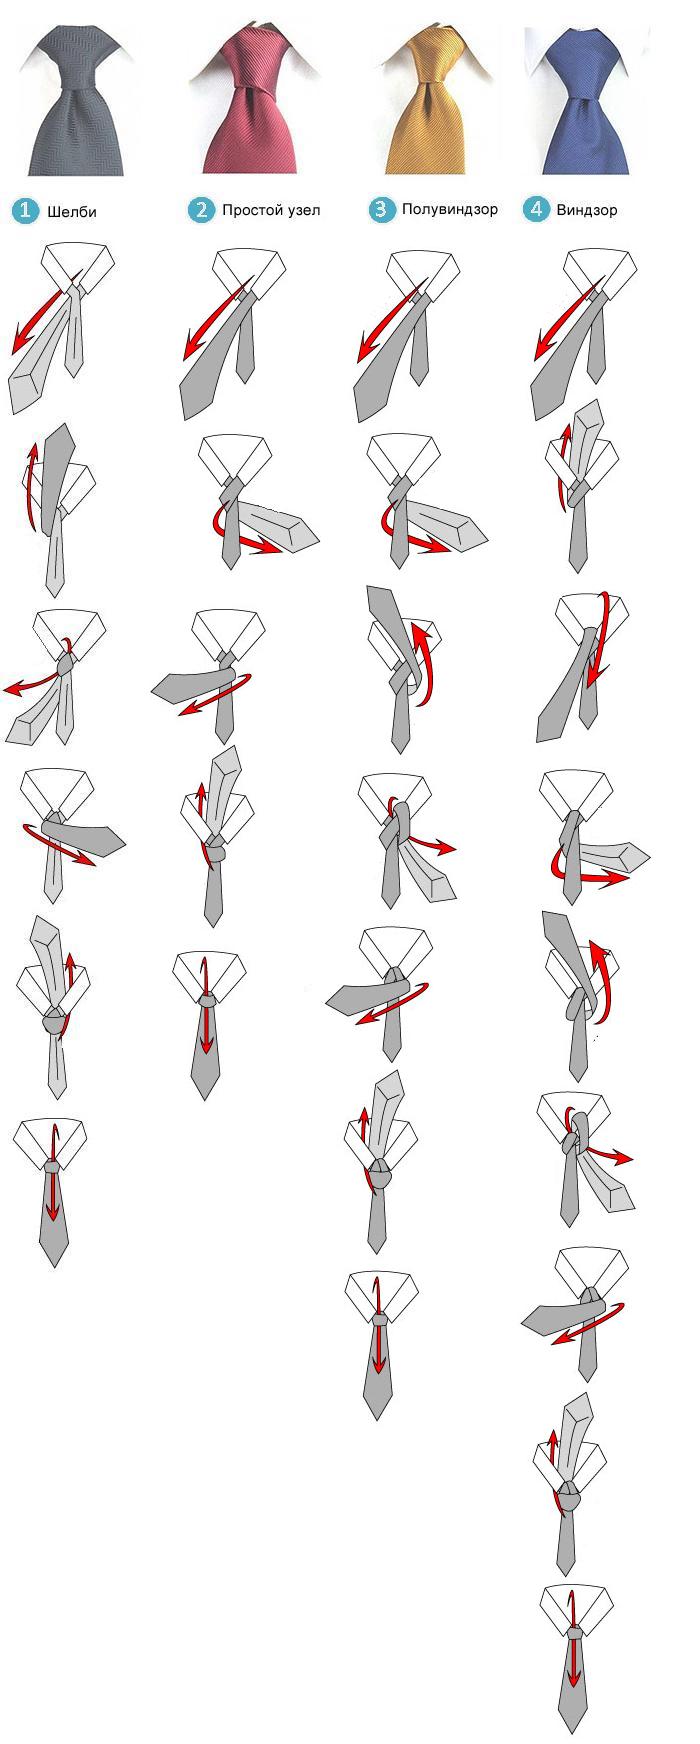 Как завязывать галстук инструкция пошагово